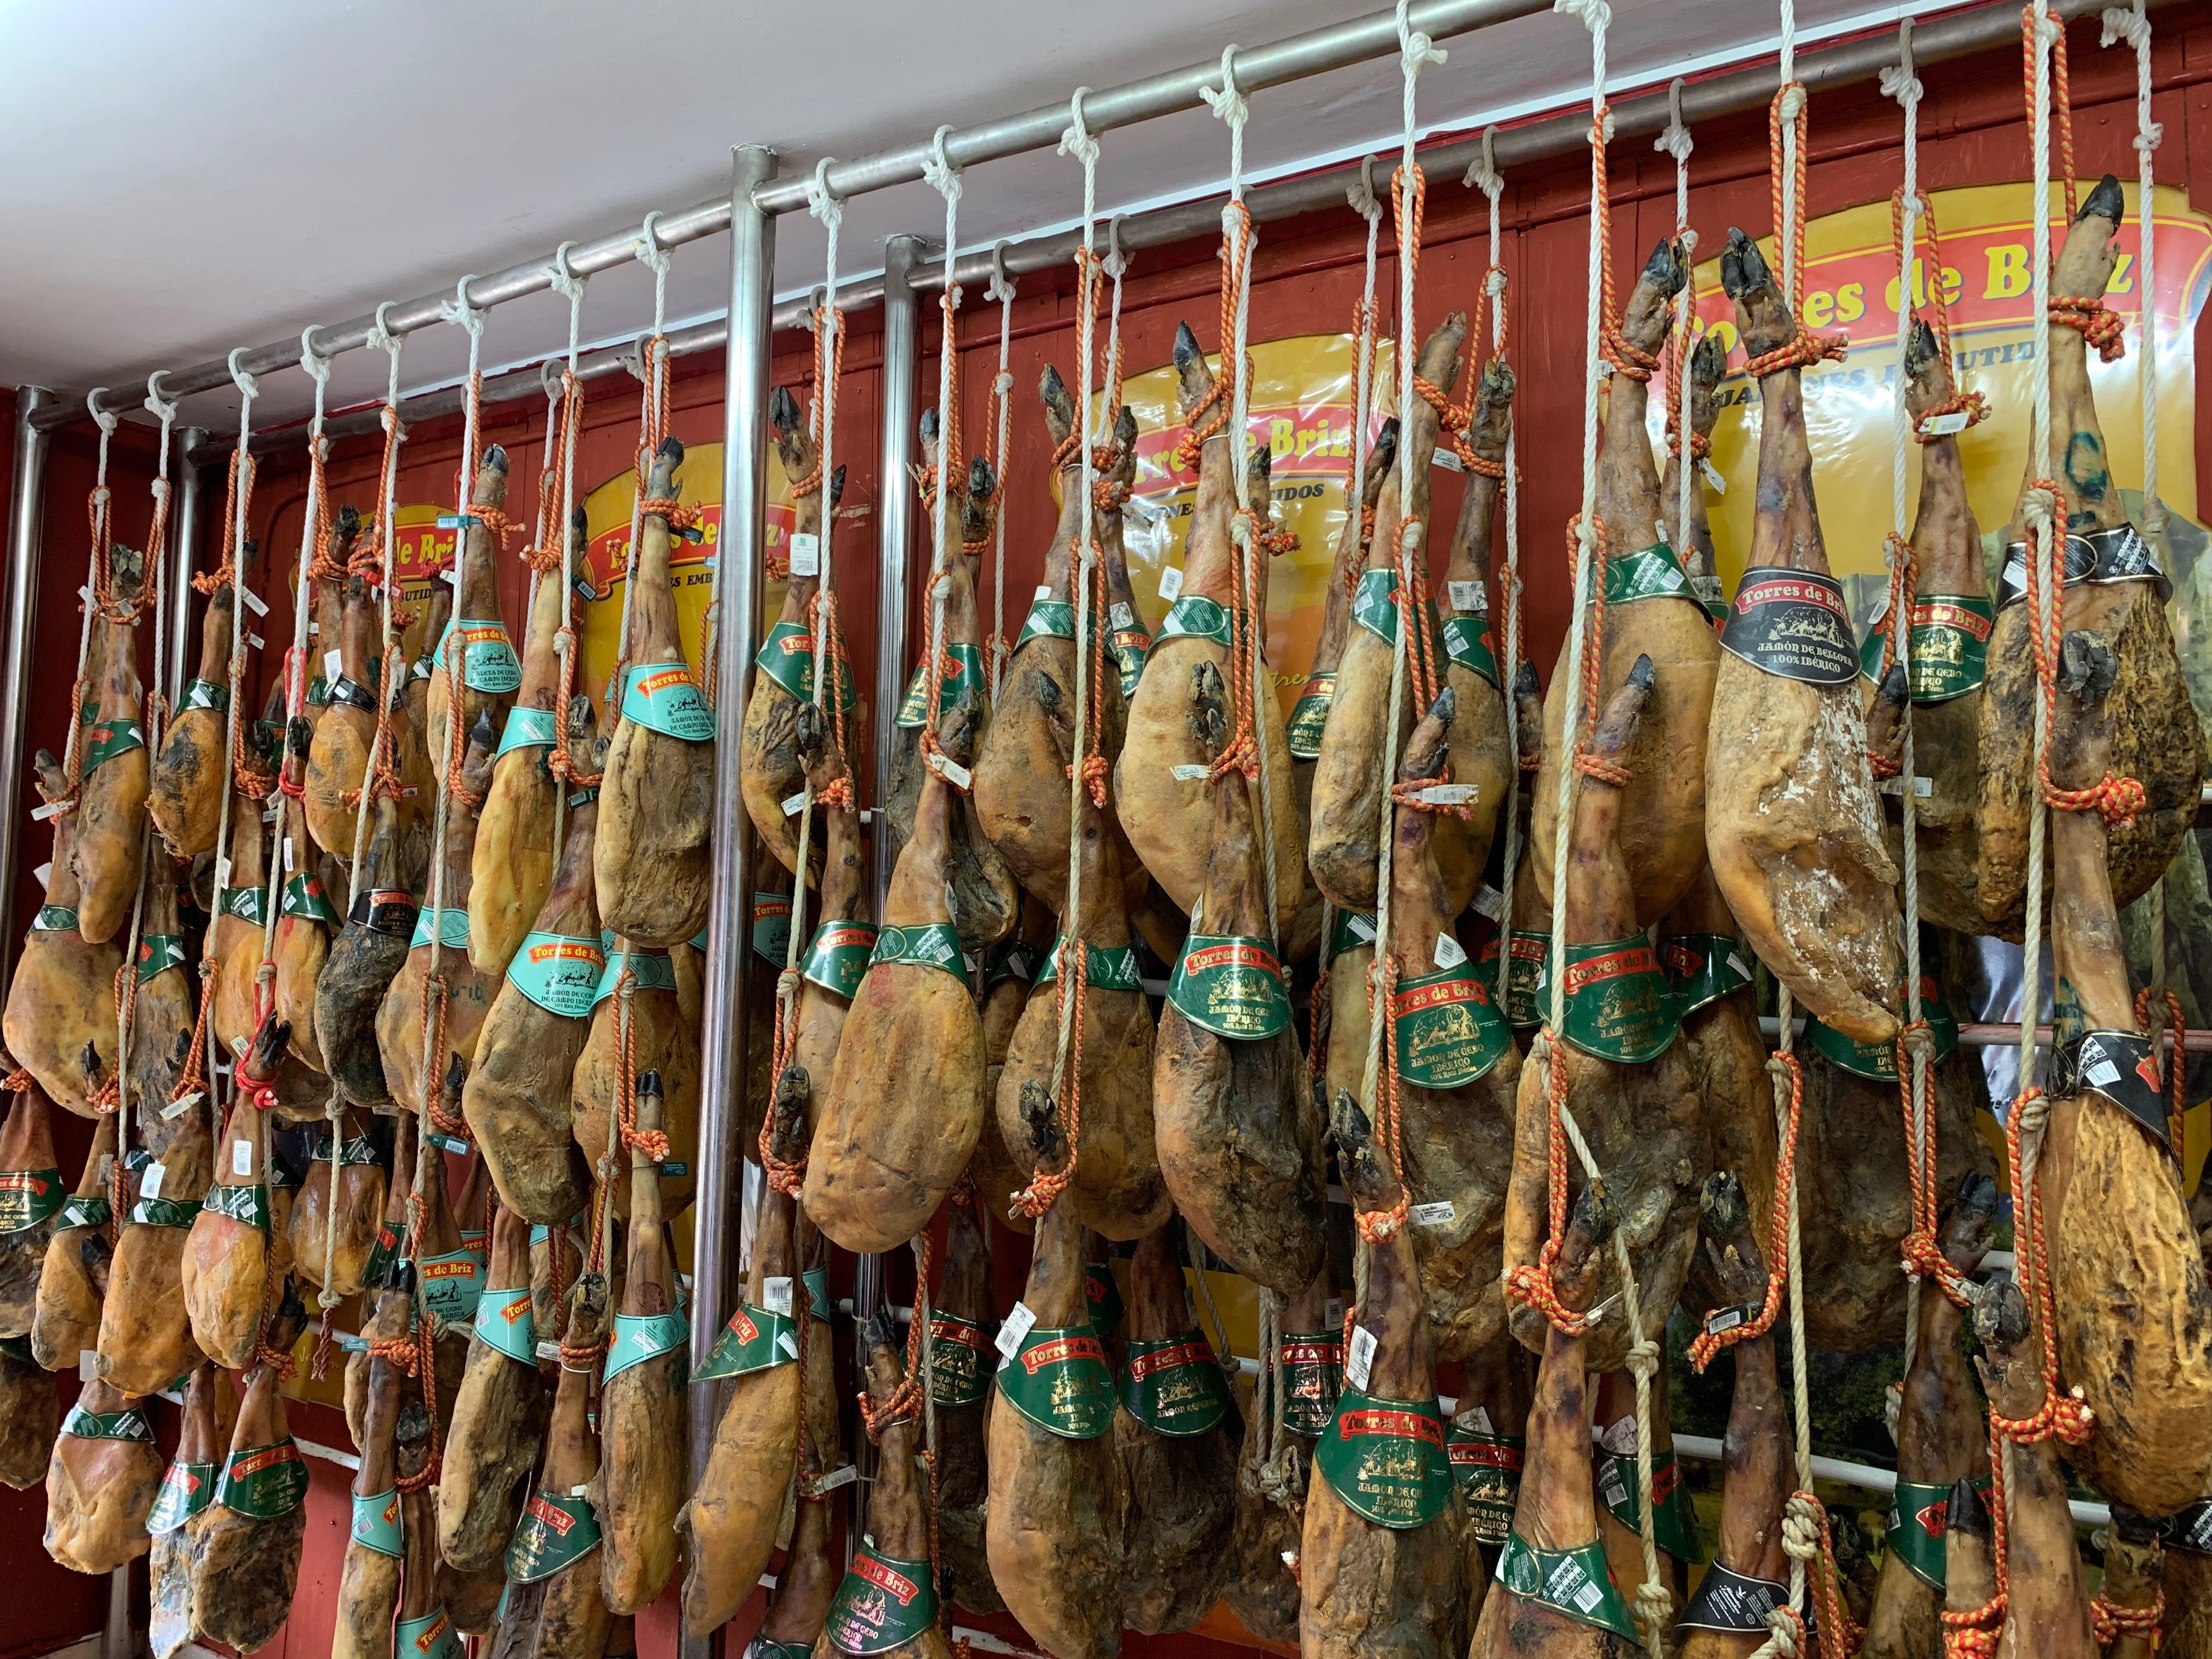 Jamonería Extremeña, Tienda de jamones, Jamónes ibéricos, jamones colgando, jamonería, Comprar jamones en Almendralejo